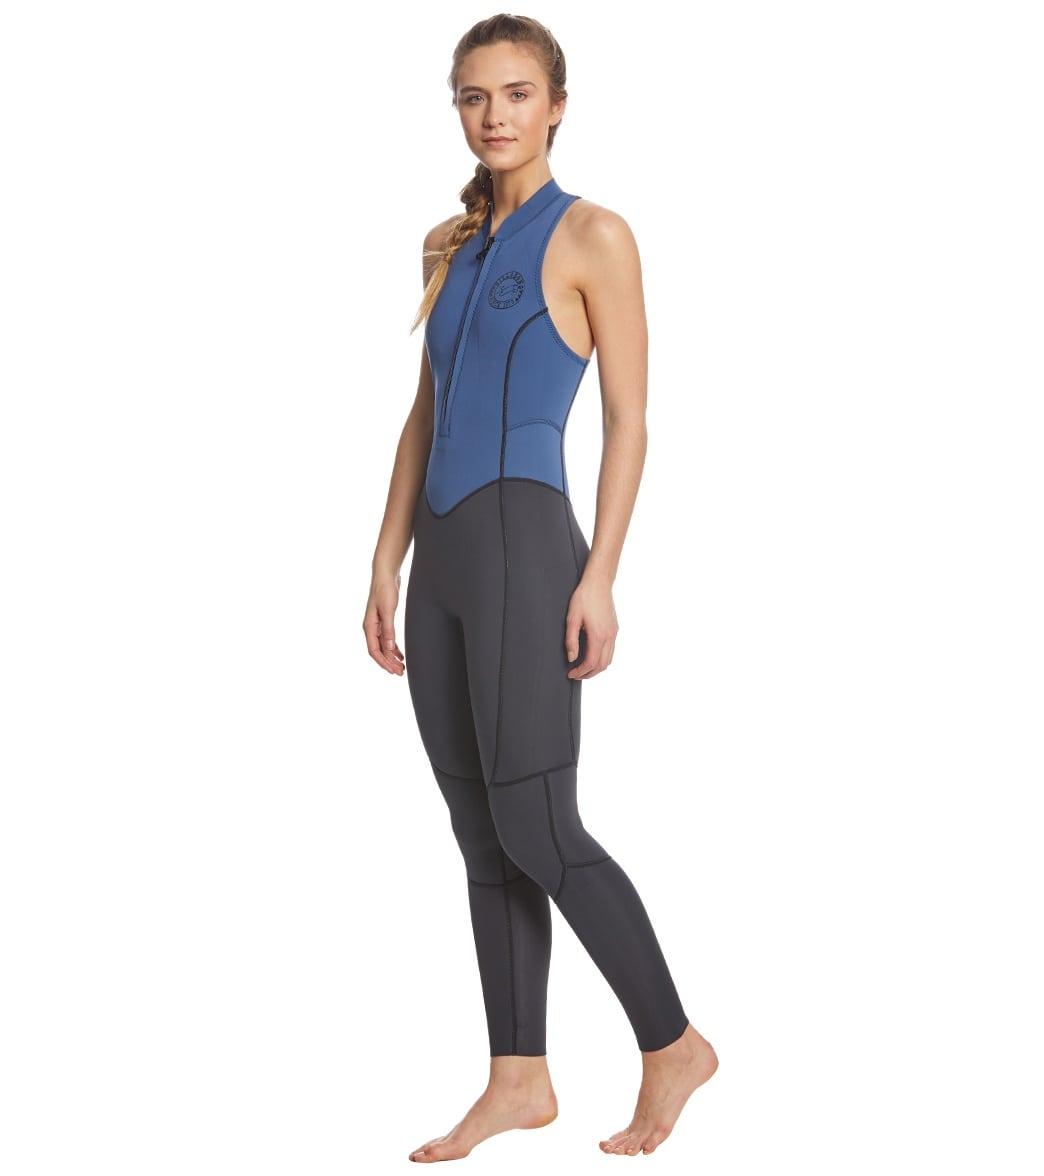 a36adc0fff6418 Billabong Women s Salty Jane Sleeveless Fullsuit at SwimOutlet.com ...